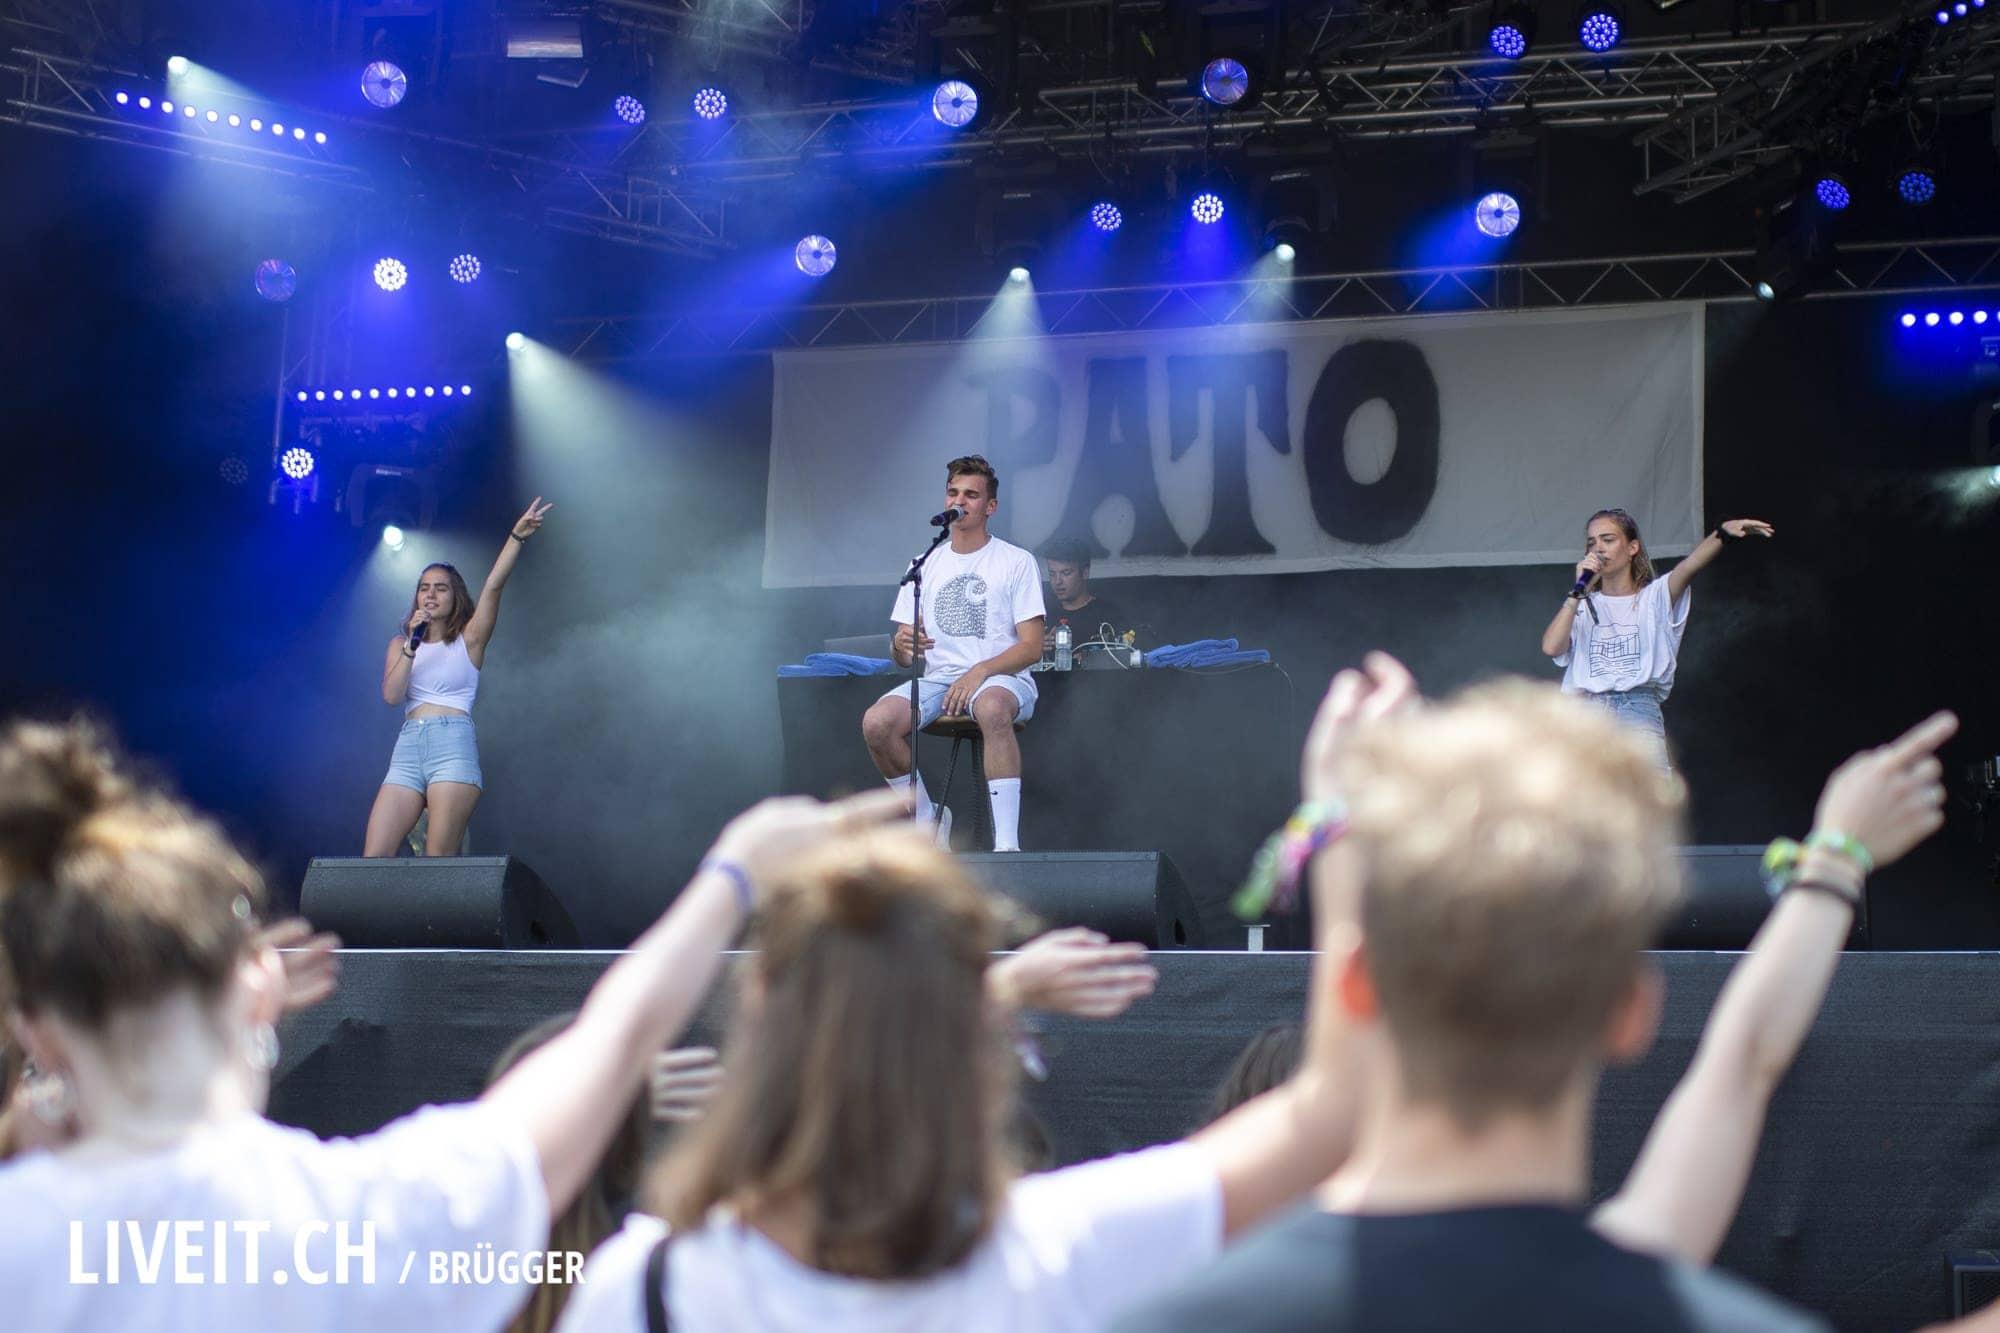 Pato Gurtenfestival 2018 in Bern. (Dominic Bruegger for Gurtenfestival)